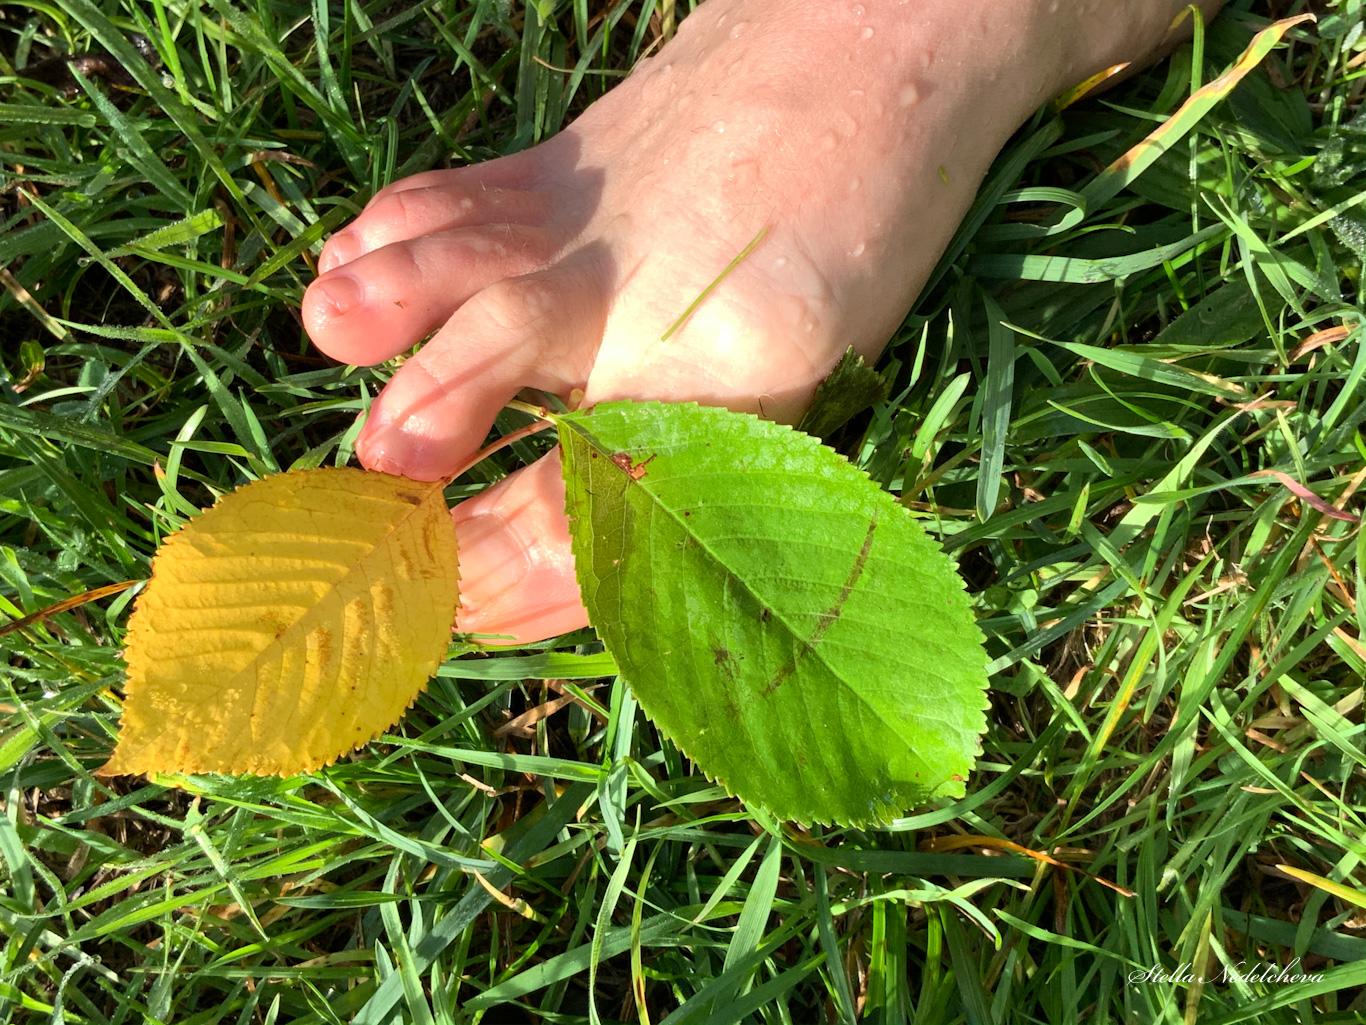 Pied dans l'herbe avec des feuilles d'automne entre les doigts